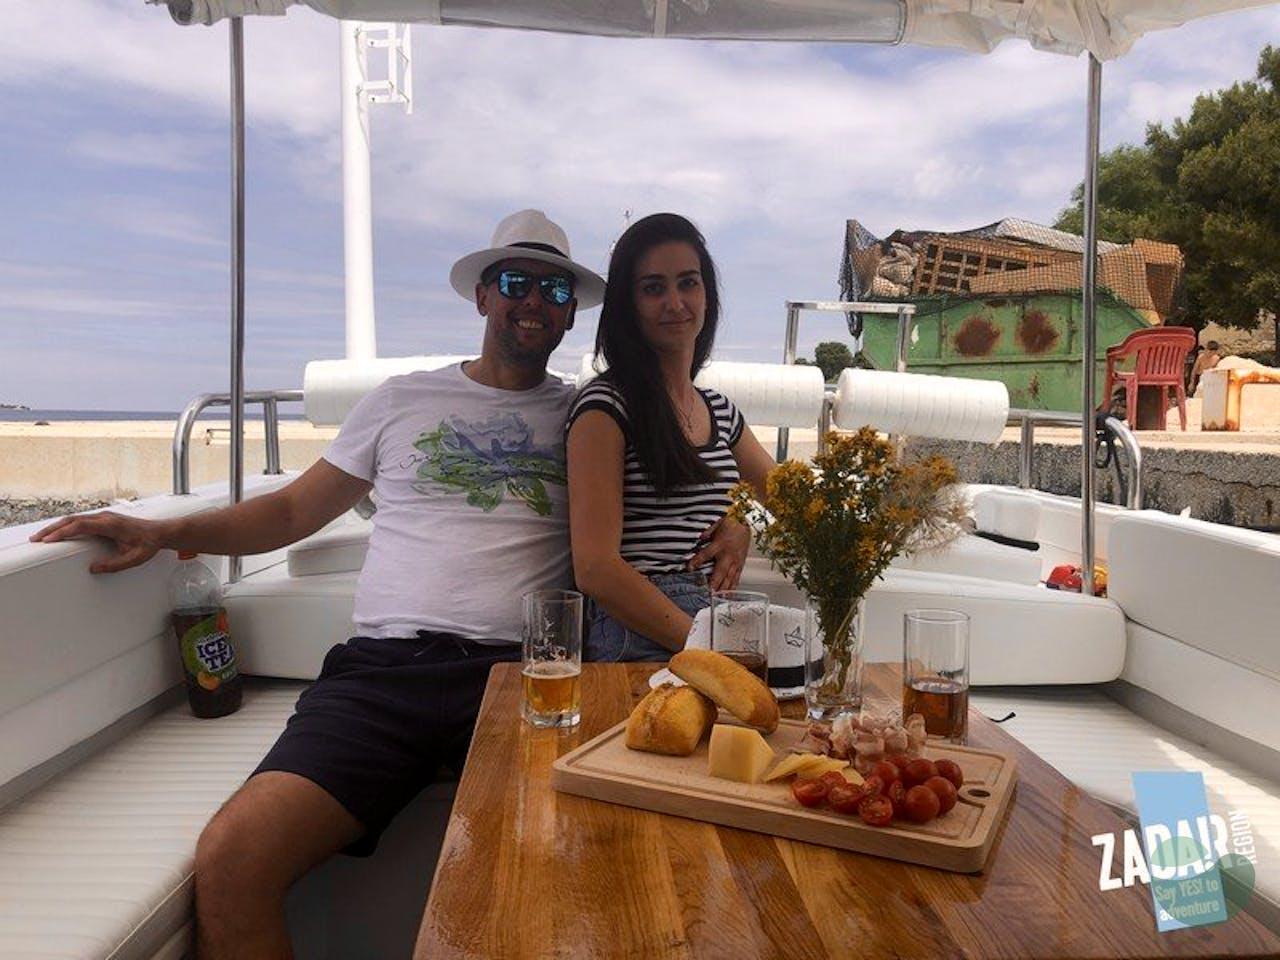 Private Zadar boat trip to local islands